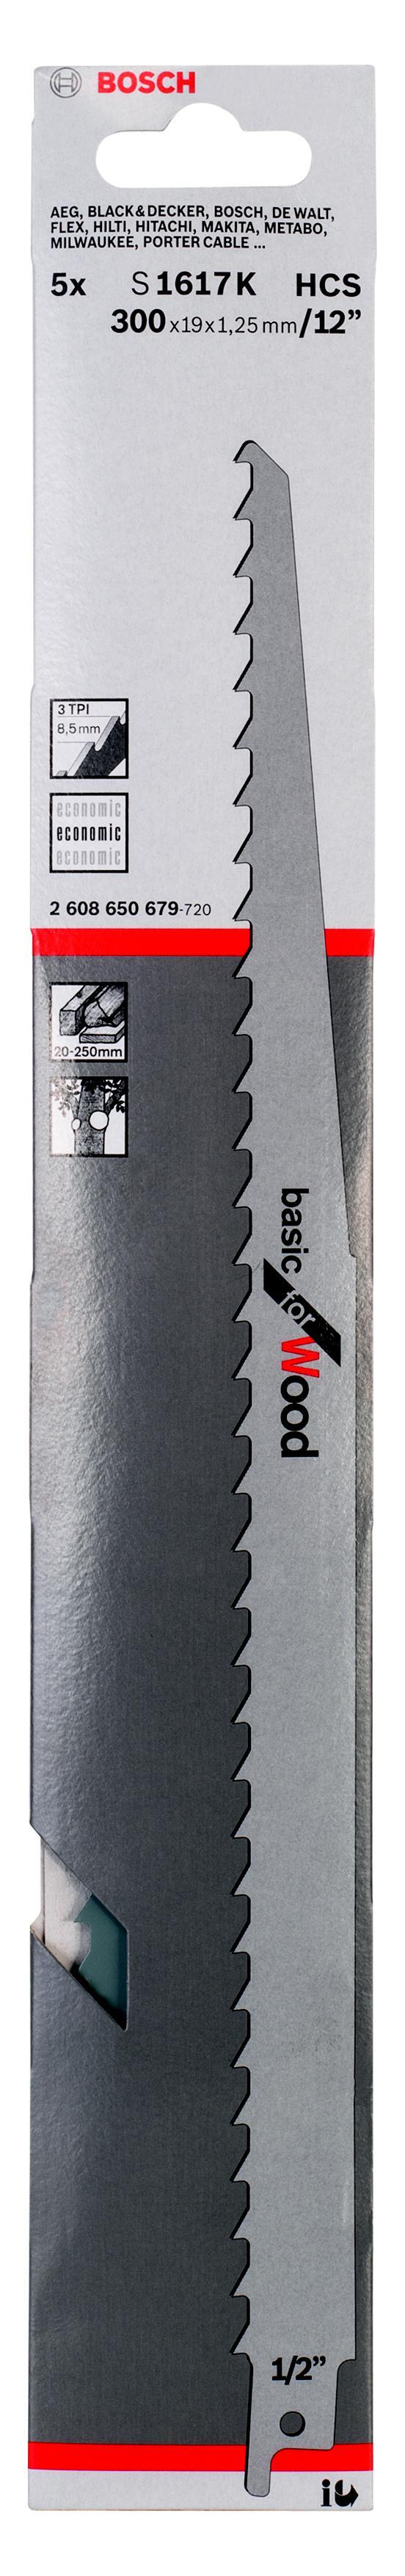 Полотно для сабельной пилы Bosch S 1617 k (2.608.650.679) полотно для сабельной пилы bosch 300 мм для gsg 300 2 607 018 012